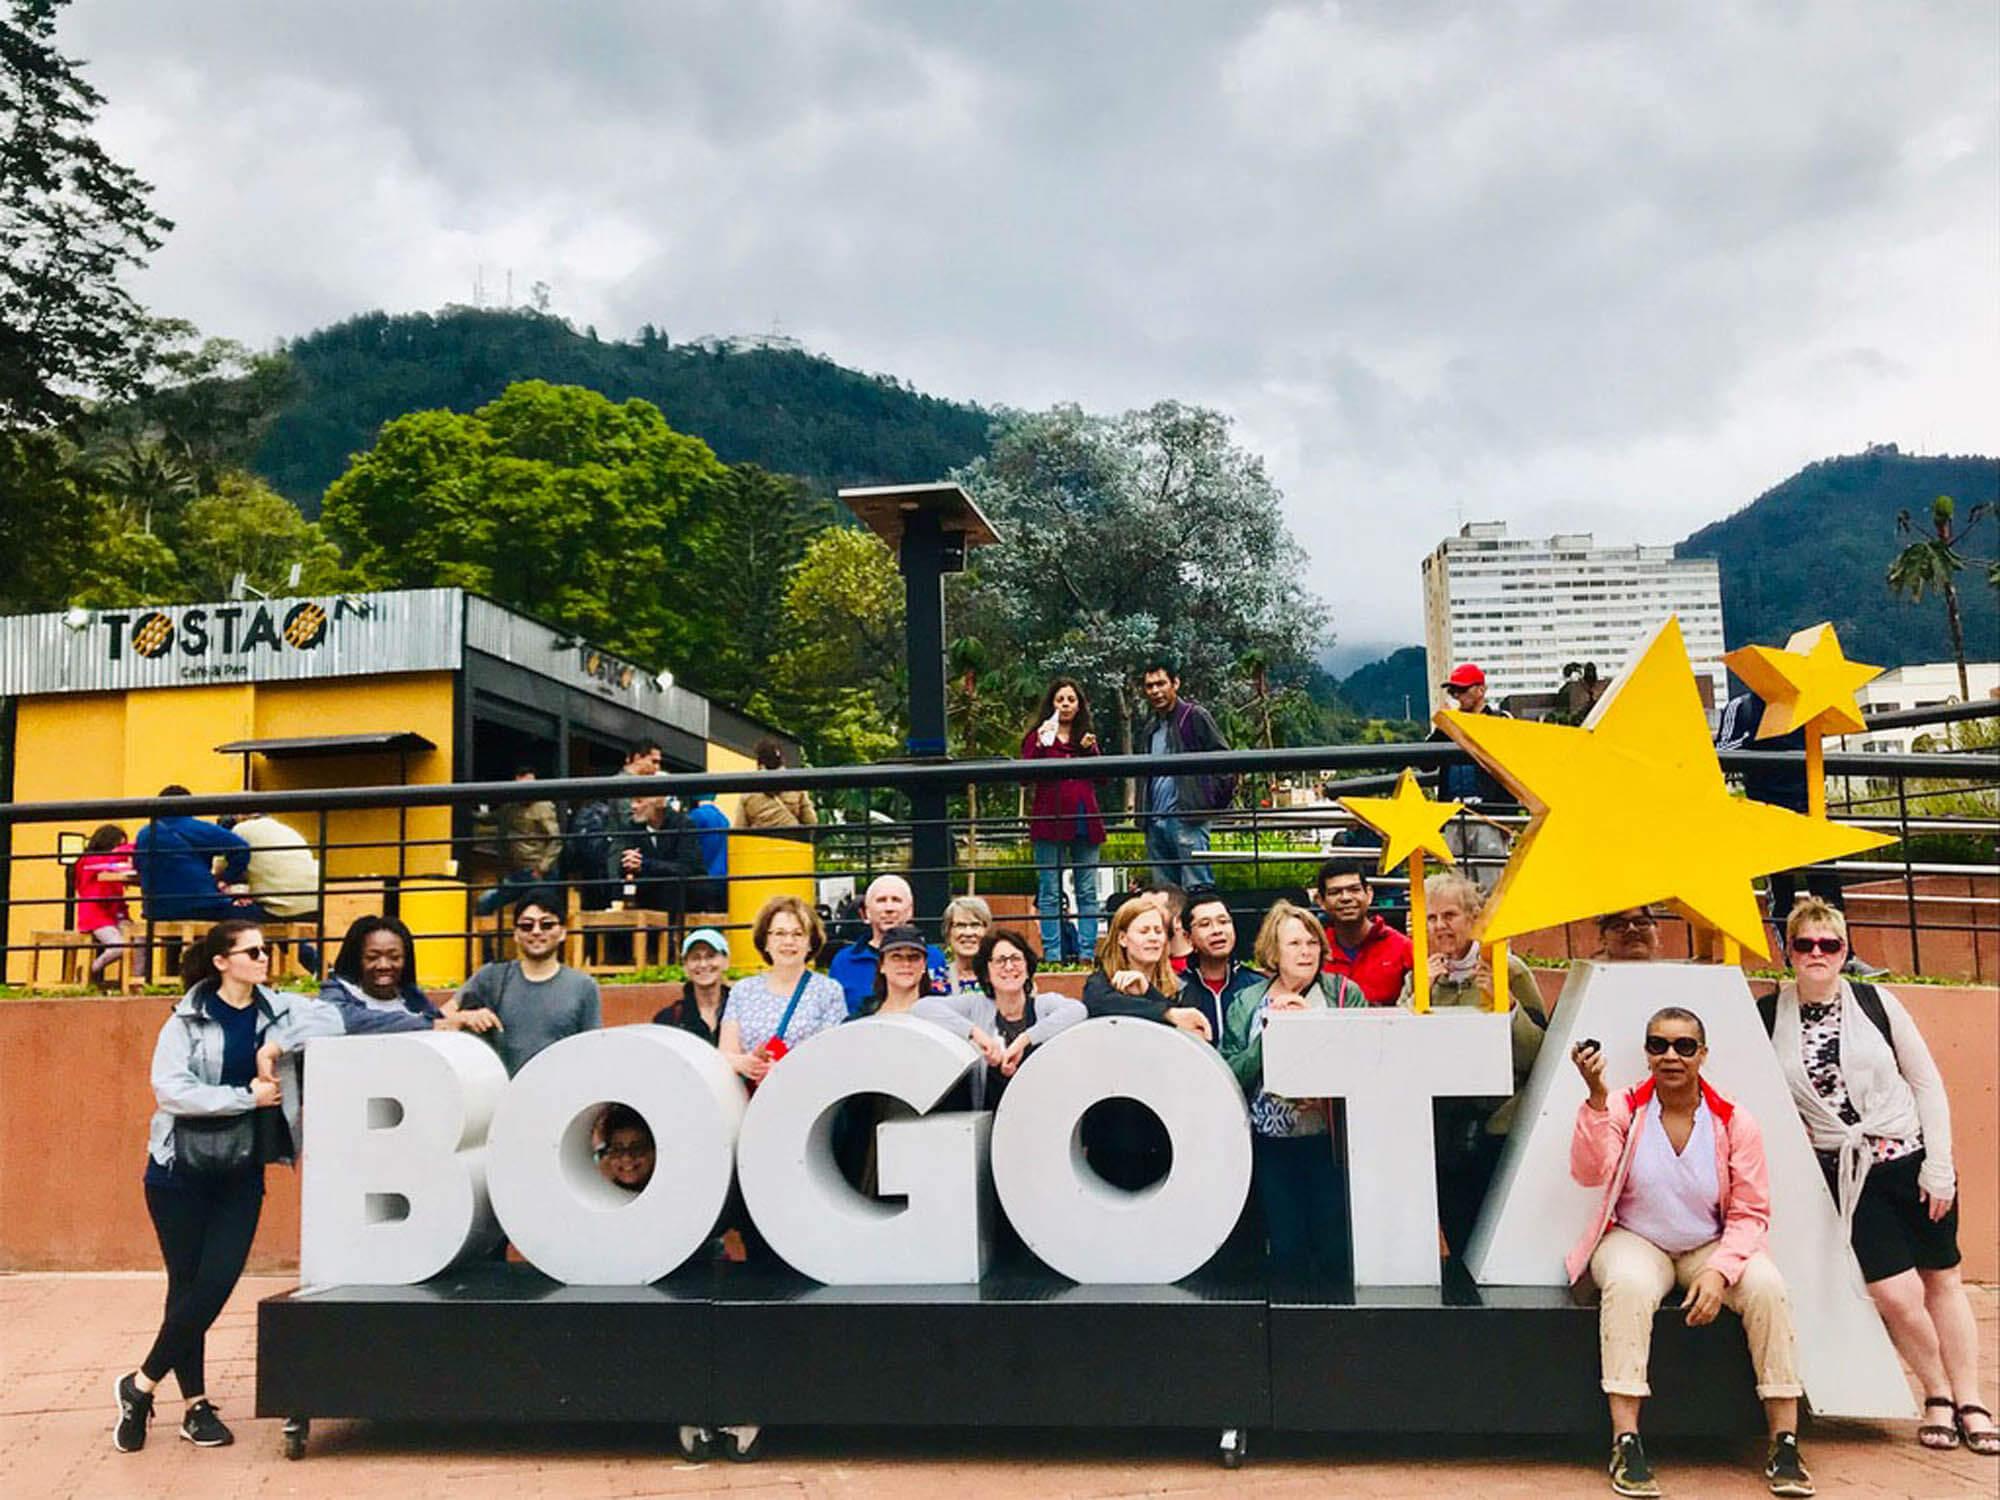 Colibri-Colombia 2